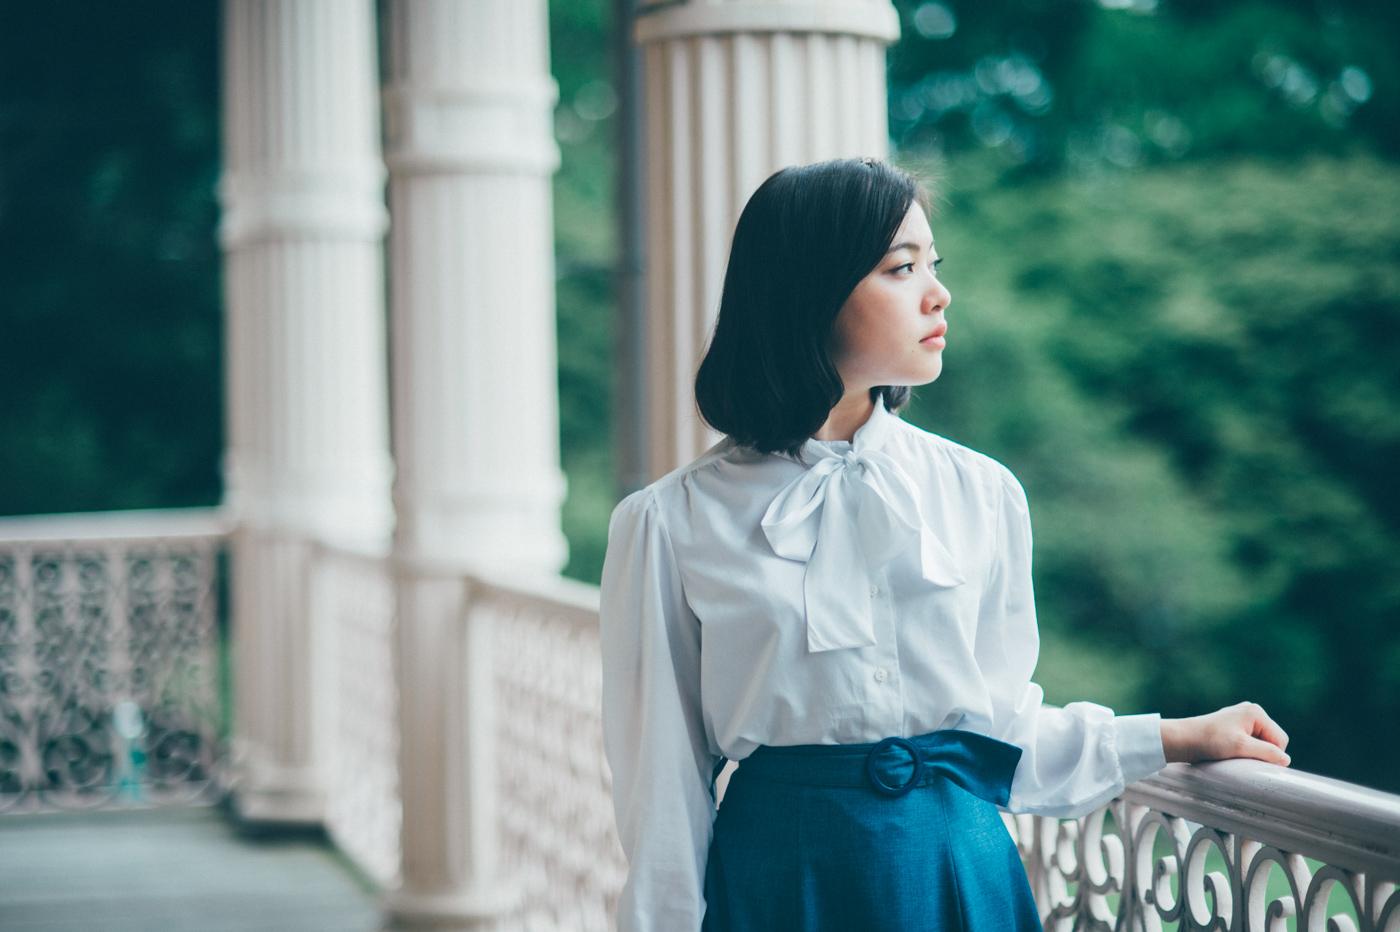 【100人ポートレート】vol.6 ふじみちさん 〜旧岩崎邸にて〜